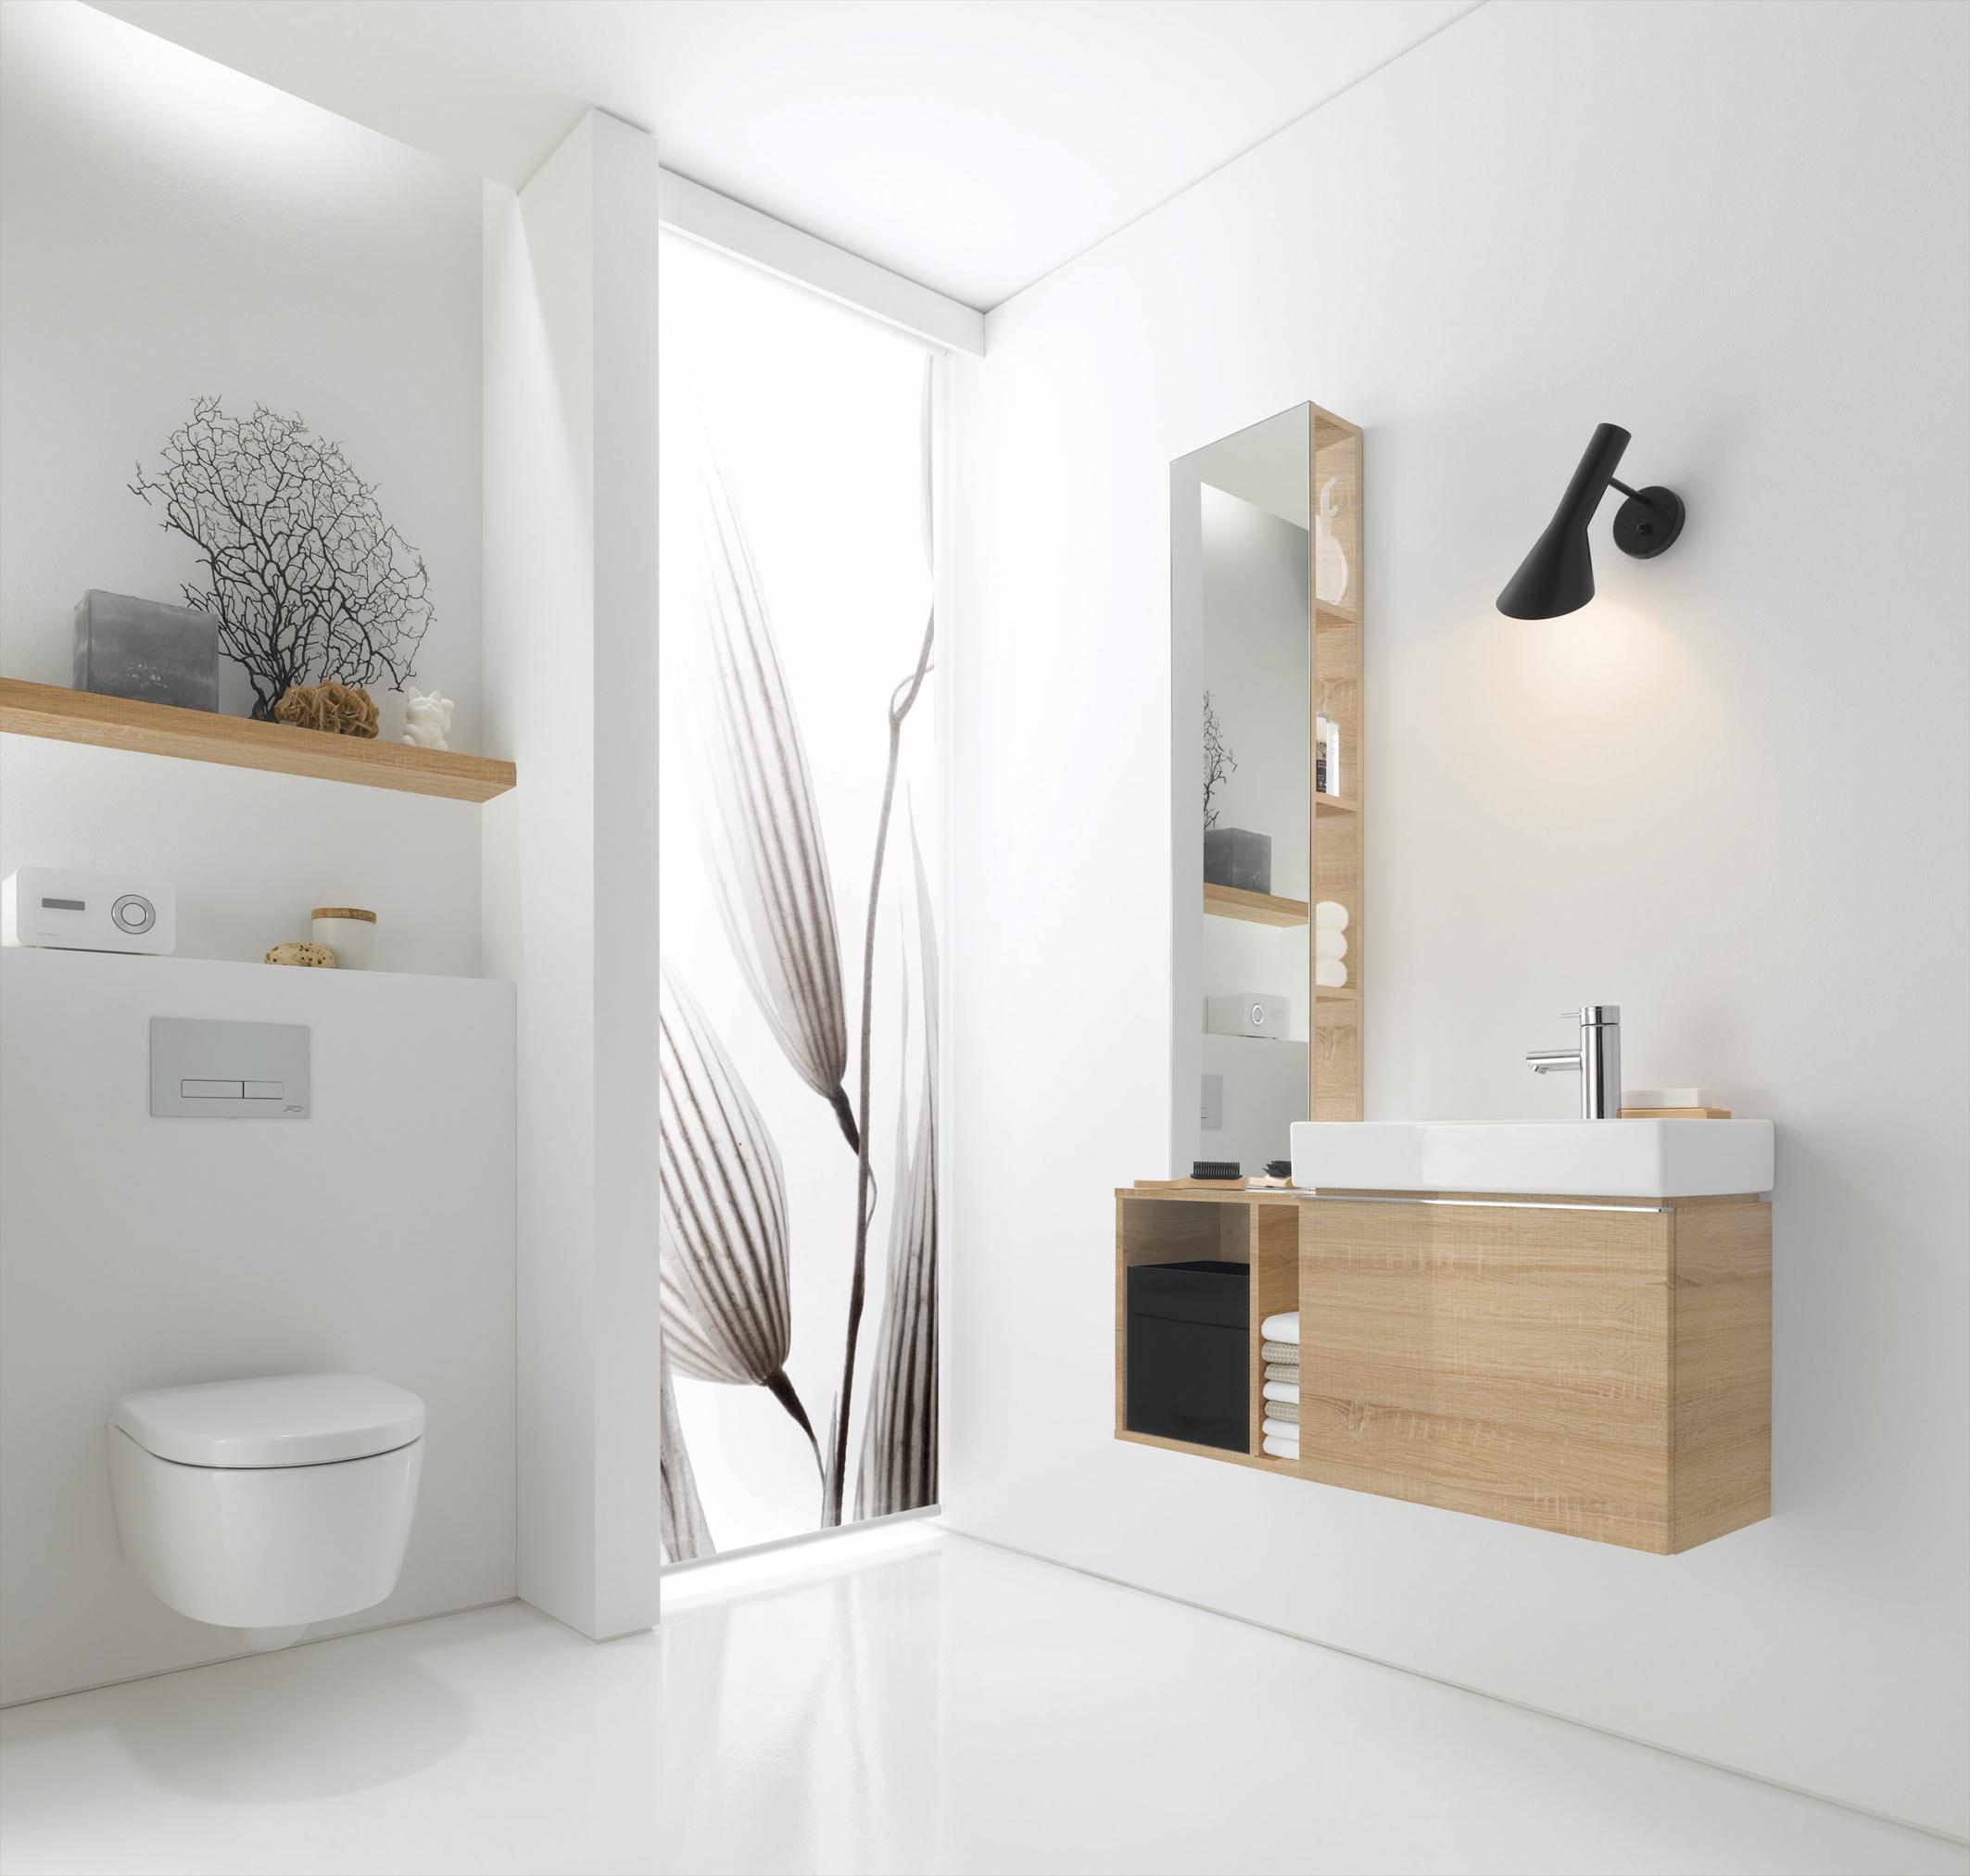 Sphinx 345 xs: stijlvol meubel voor toiletruimte - Nieuws ...